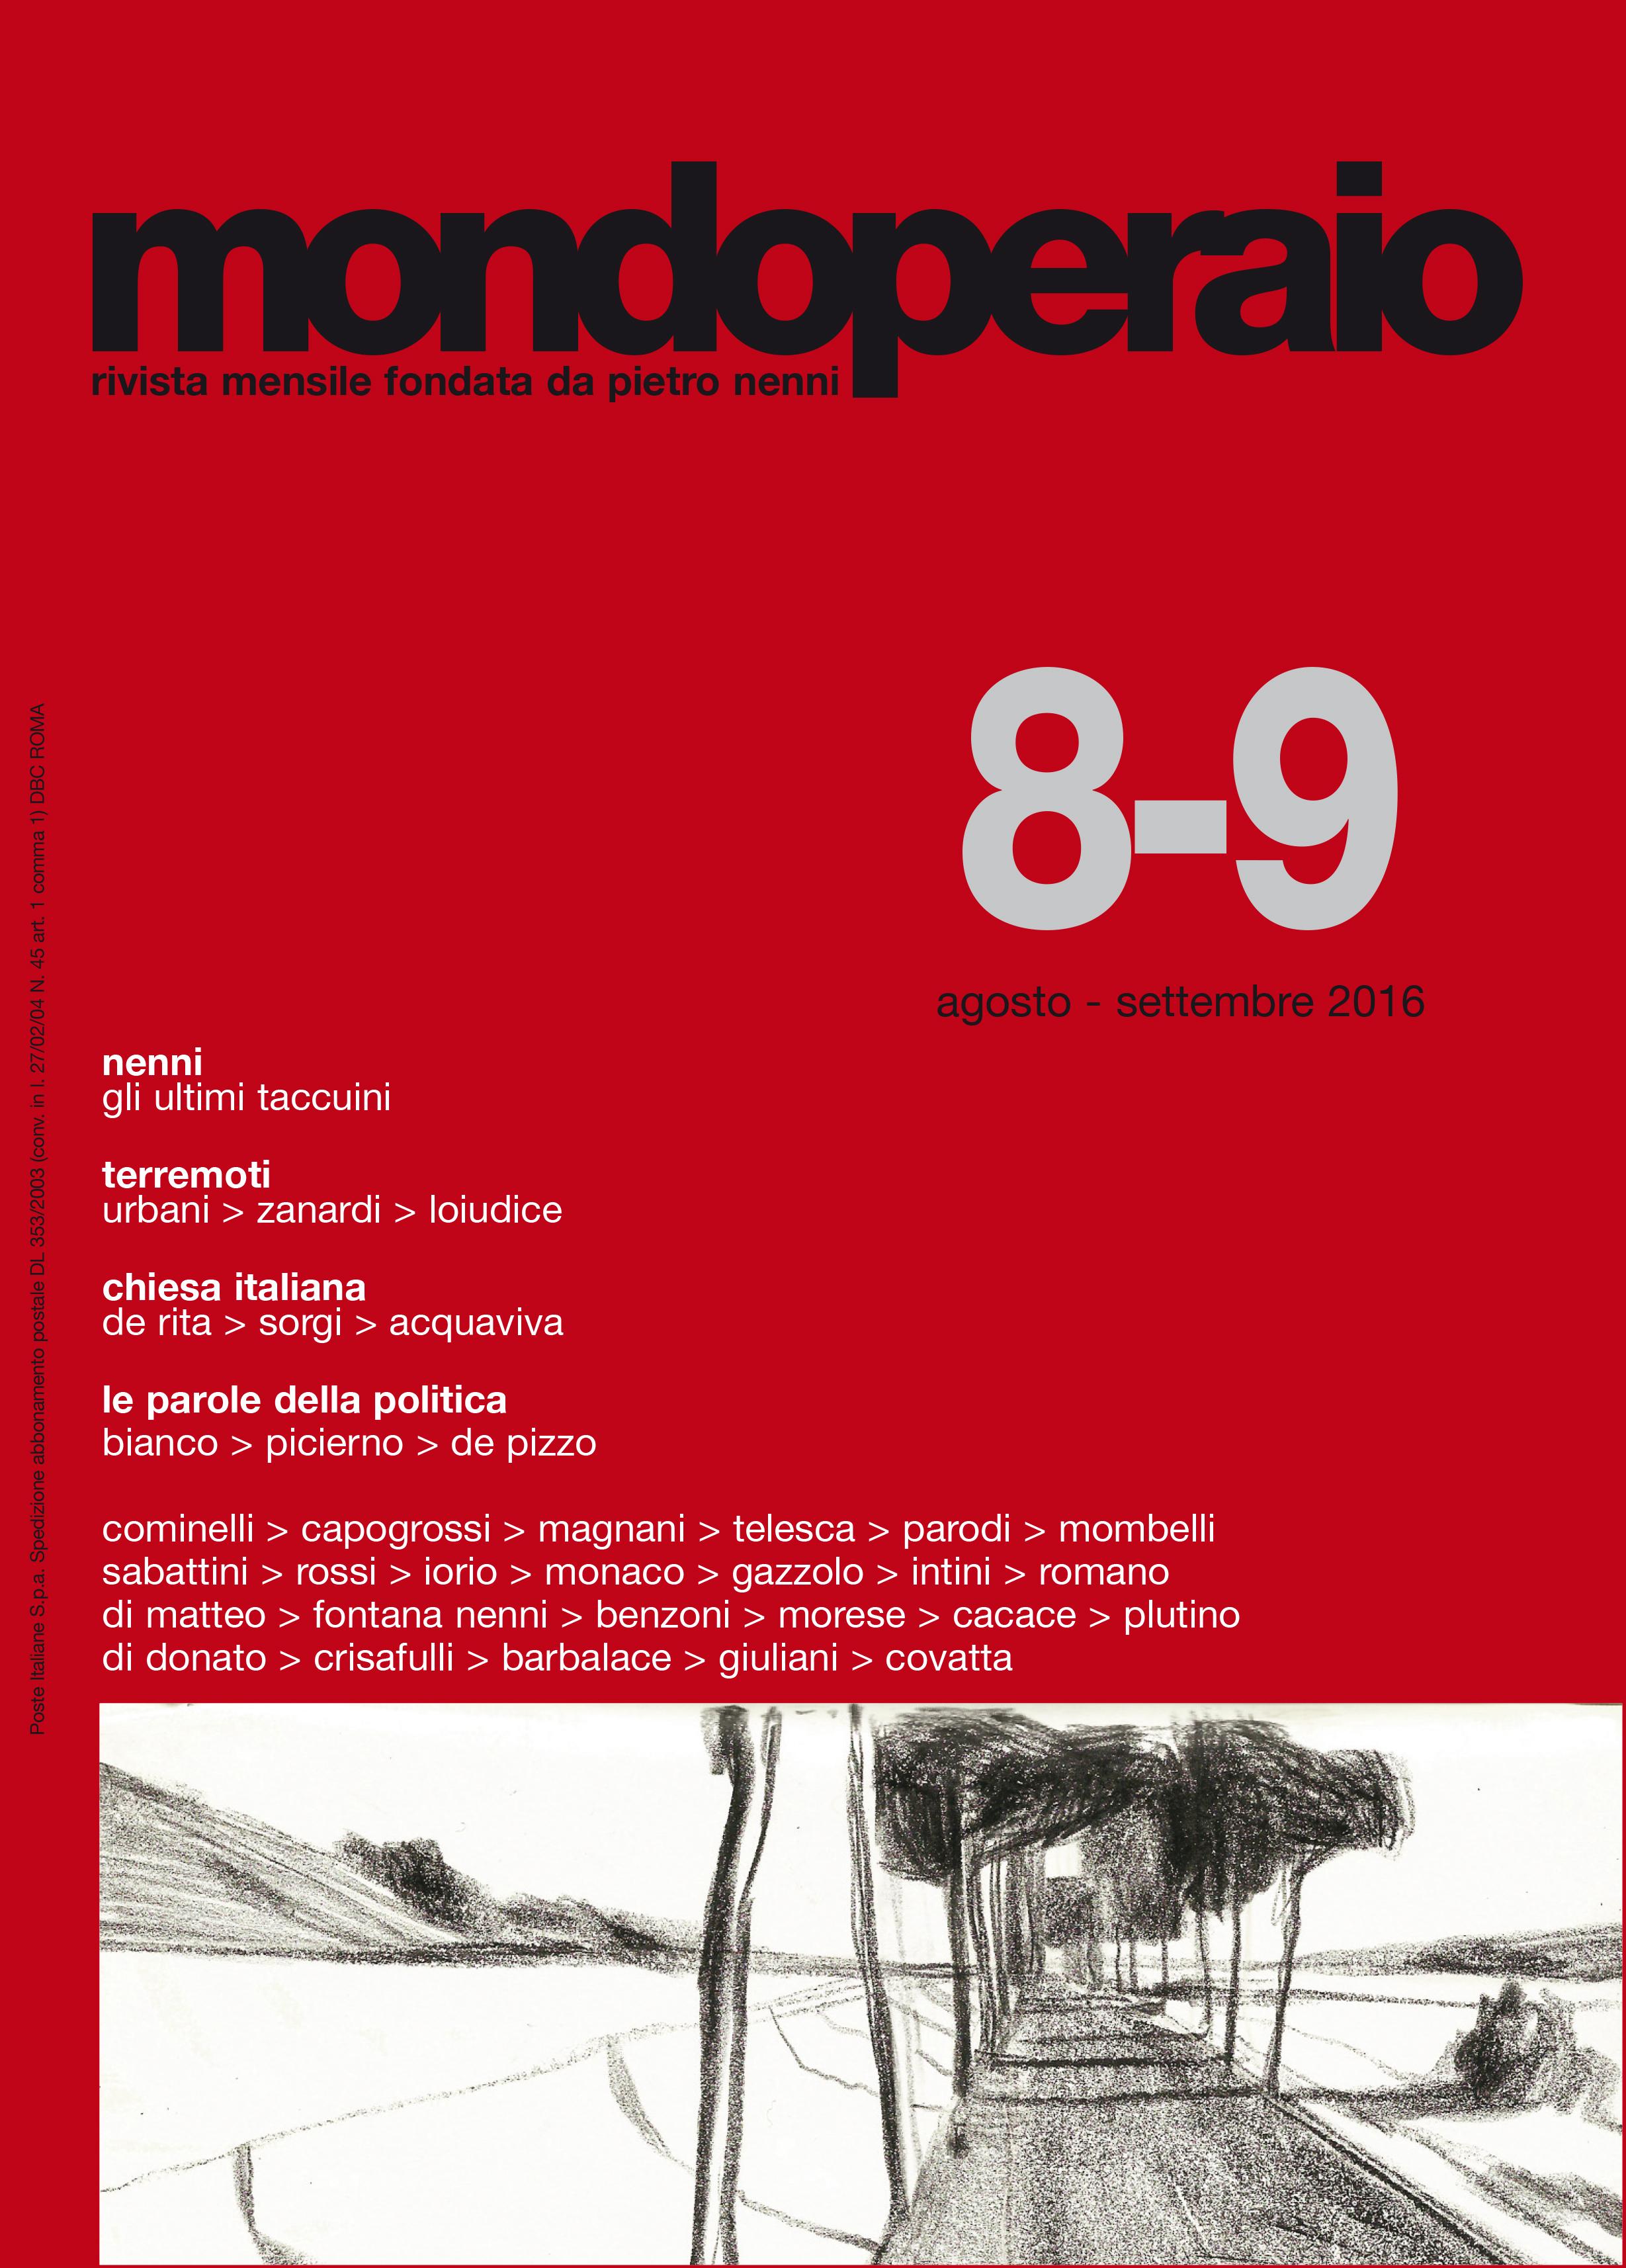 copertina mondoperaio maggio